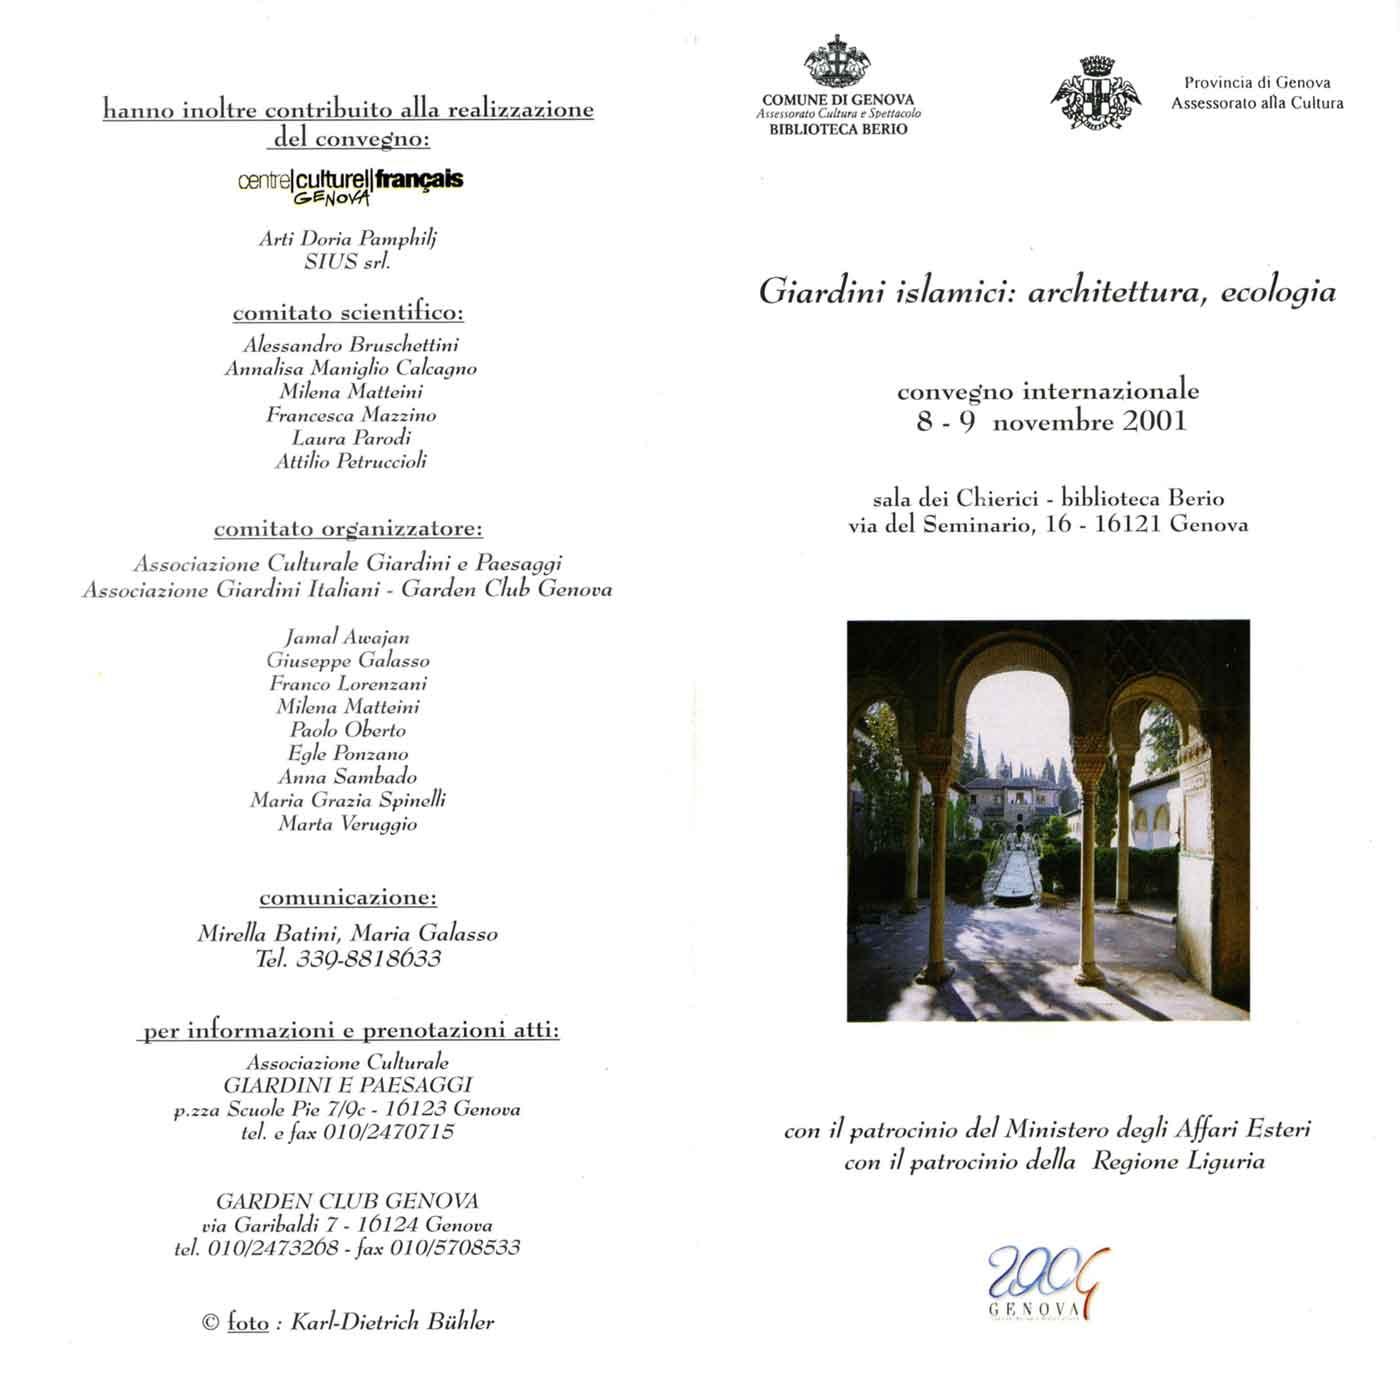 giardino-islamico-conferenza